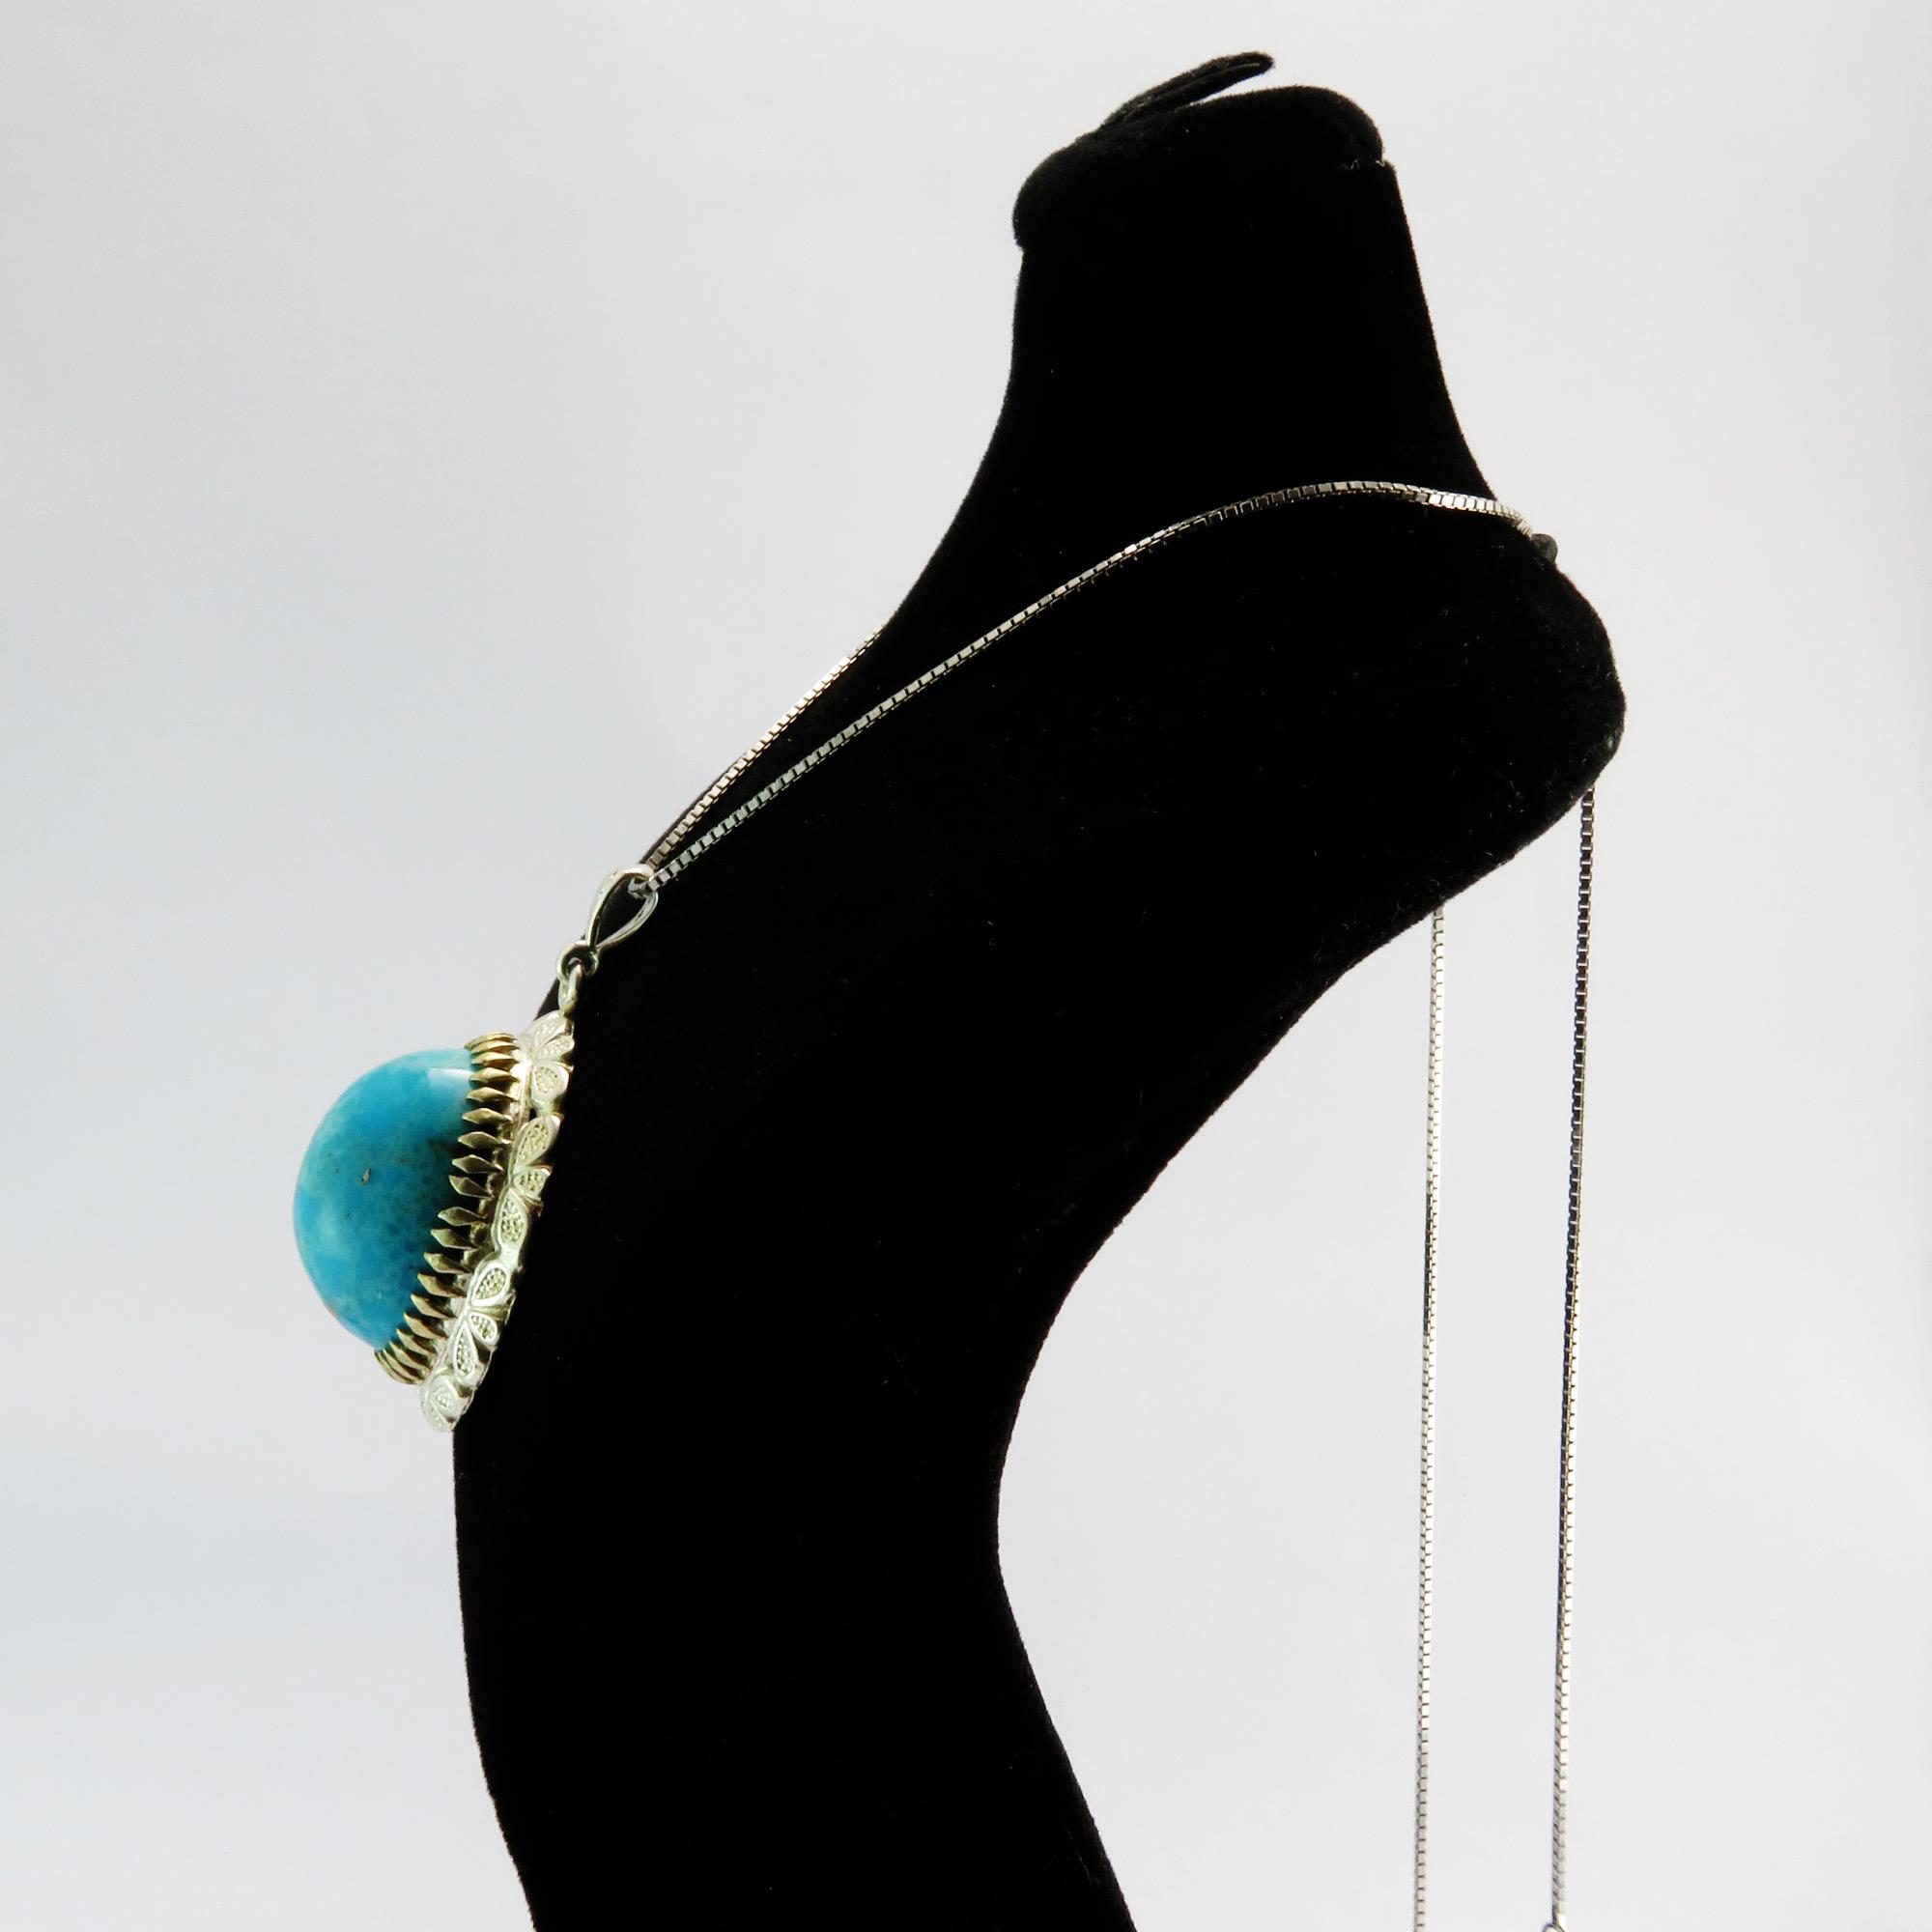 گردنبند نقره زنانه کد AV115 -  - 4